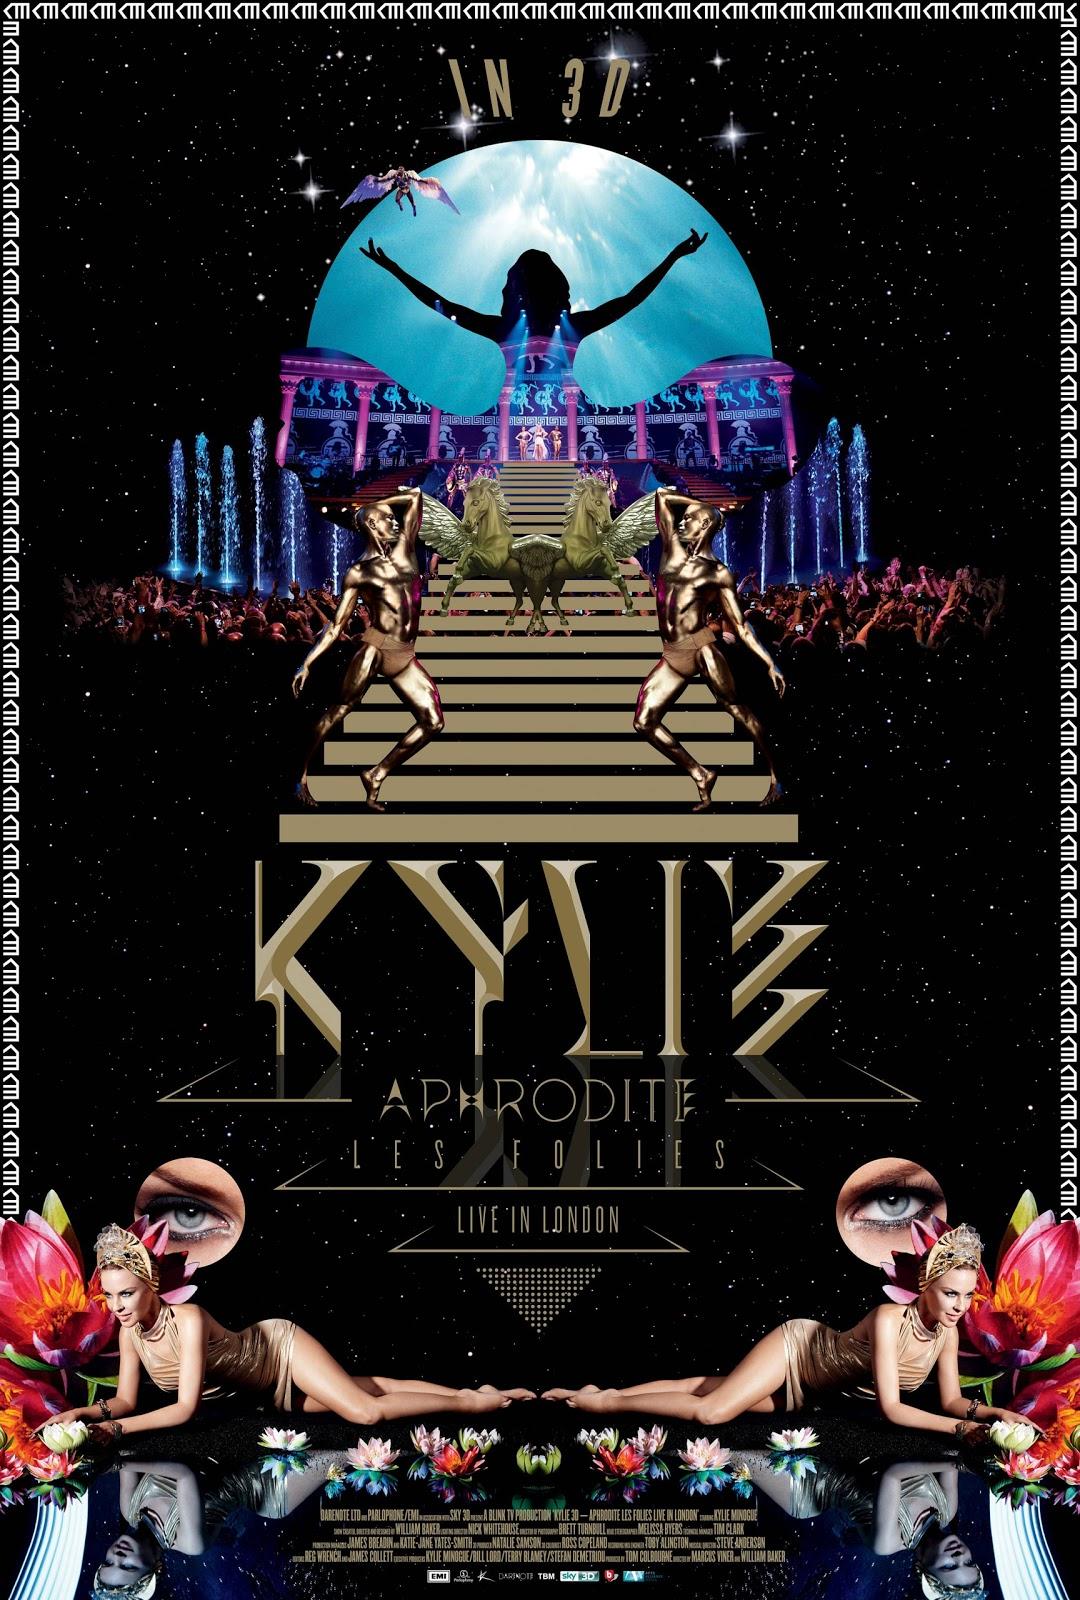 http://1.bp.blogspot.com/-8eZLn-nqGuM/ThXM8BbAxRI/AAAAAAAAAGU/4J3mitNaLMY/s1600/kylie-aphrodite-les-folies-live-in-london-3-d-screening.jpg